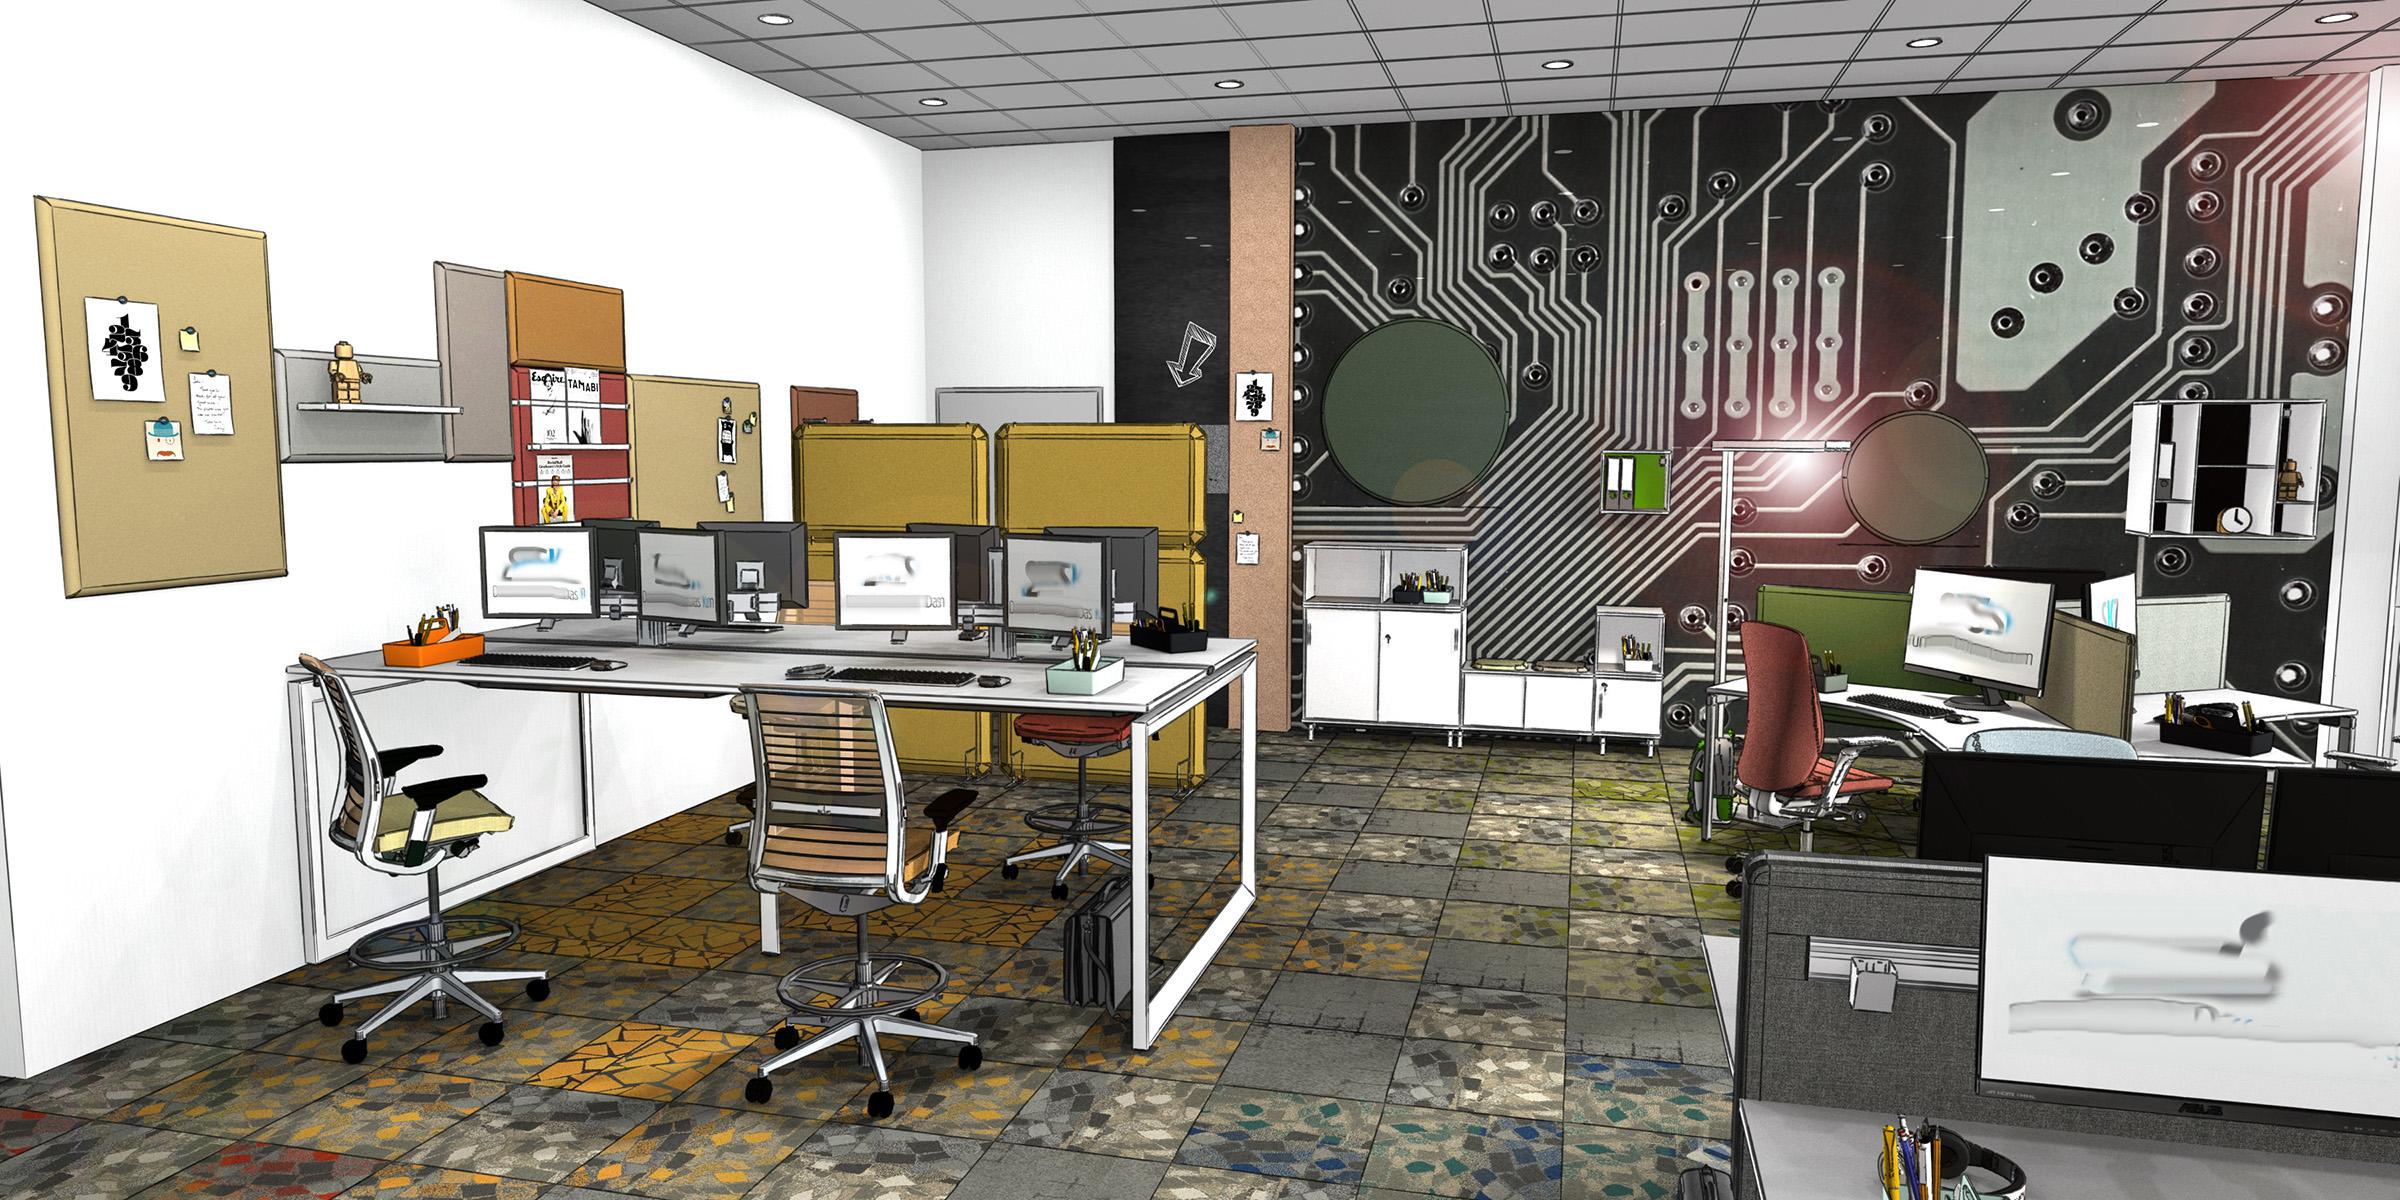 Arbeitsplätze, Schreibtische, Teambench, Teamraum für temporäre Arbeit in einem Büro, neue Arbeitwelten, Inenanrchitektur 3D Rendering